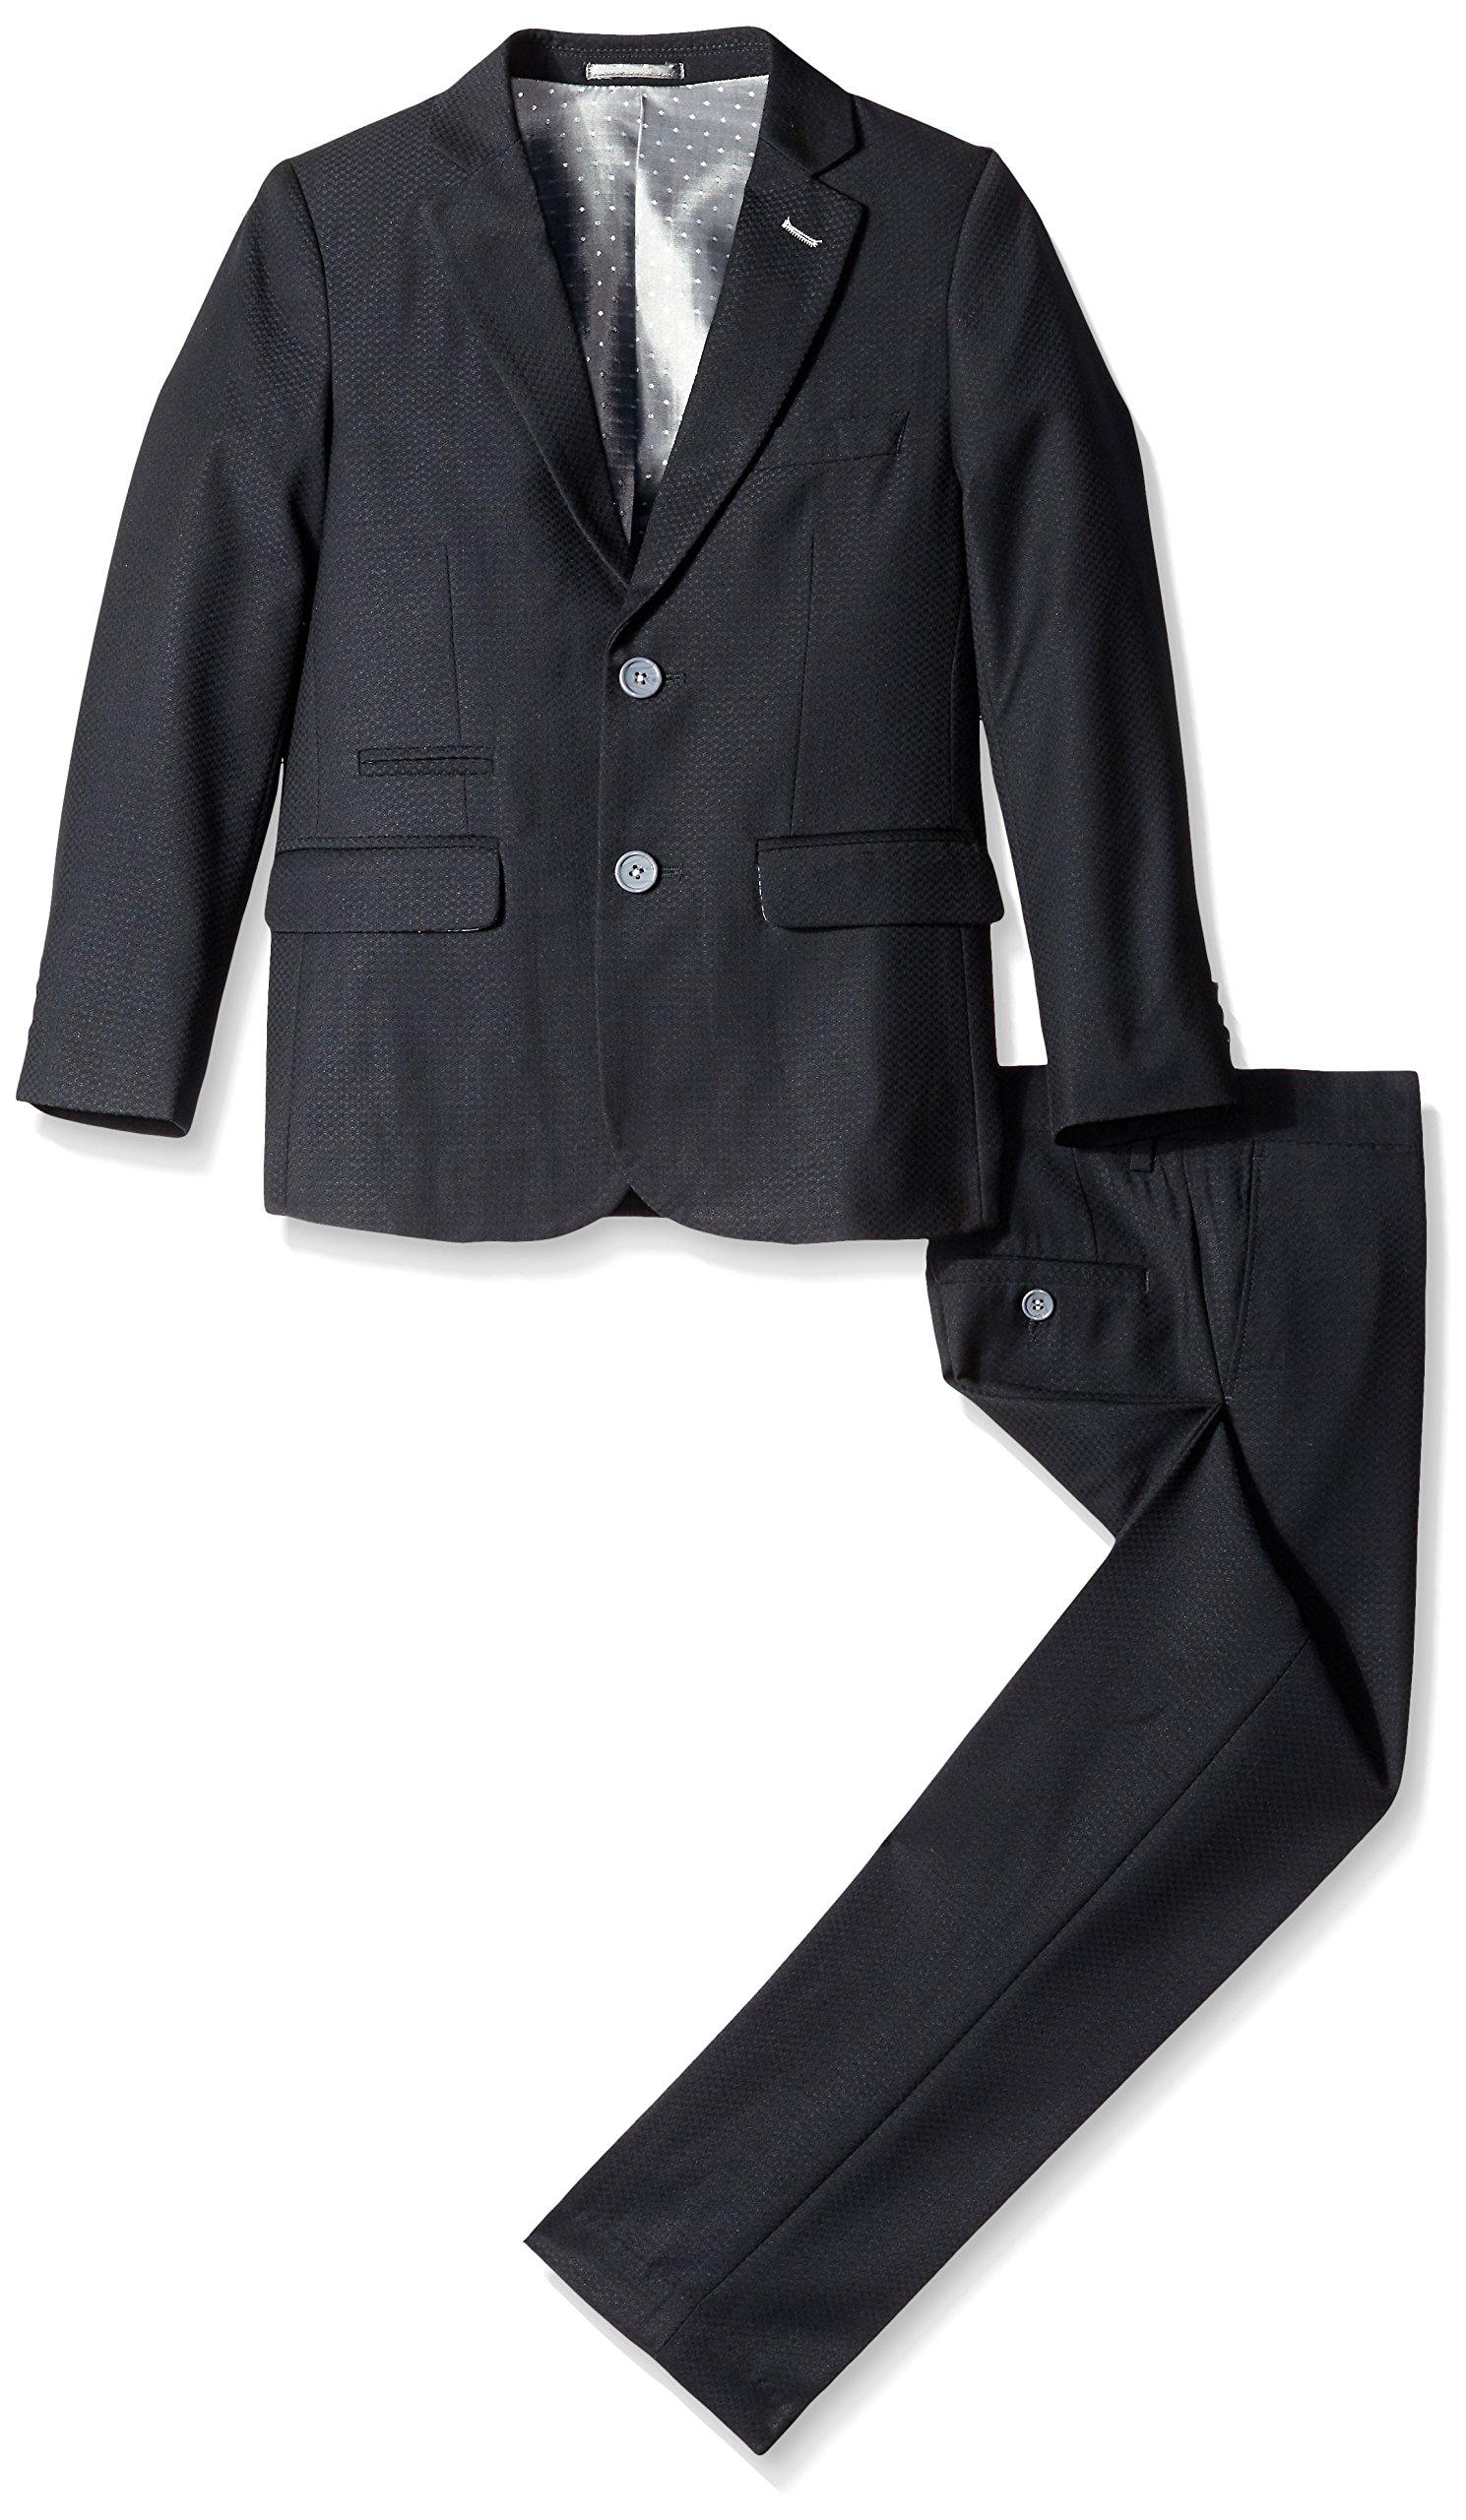 Isaac Mizrahi Big Boys' Textured 2 Piece Suit, Black, 14